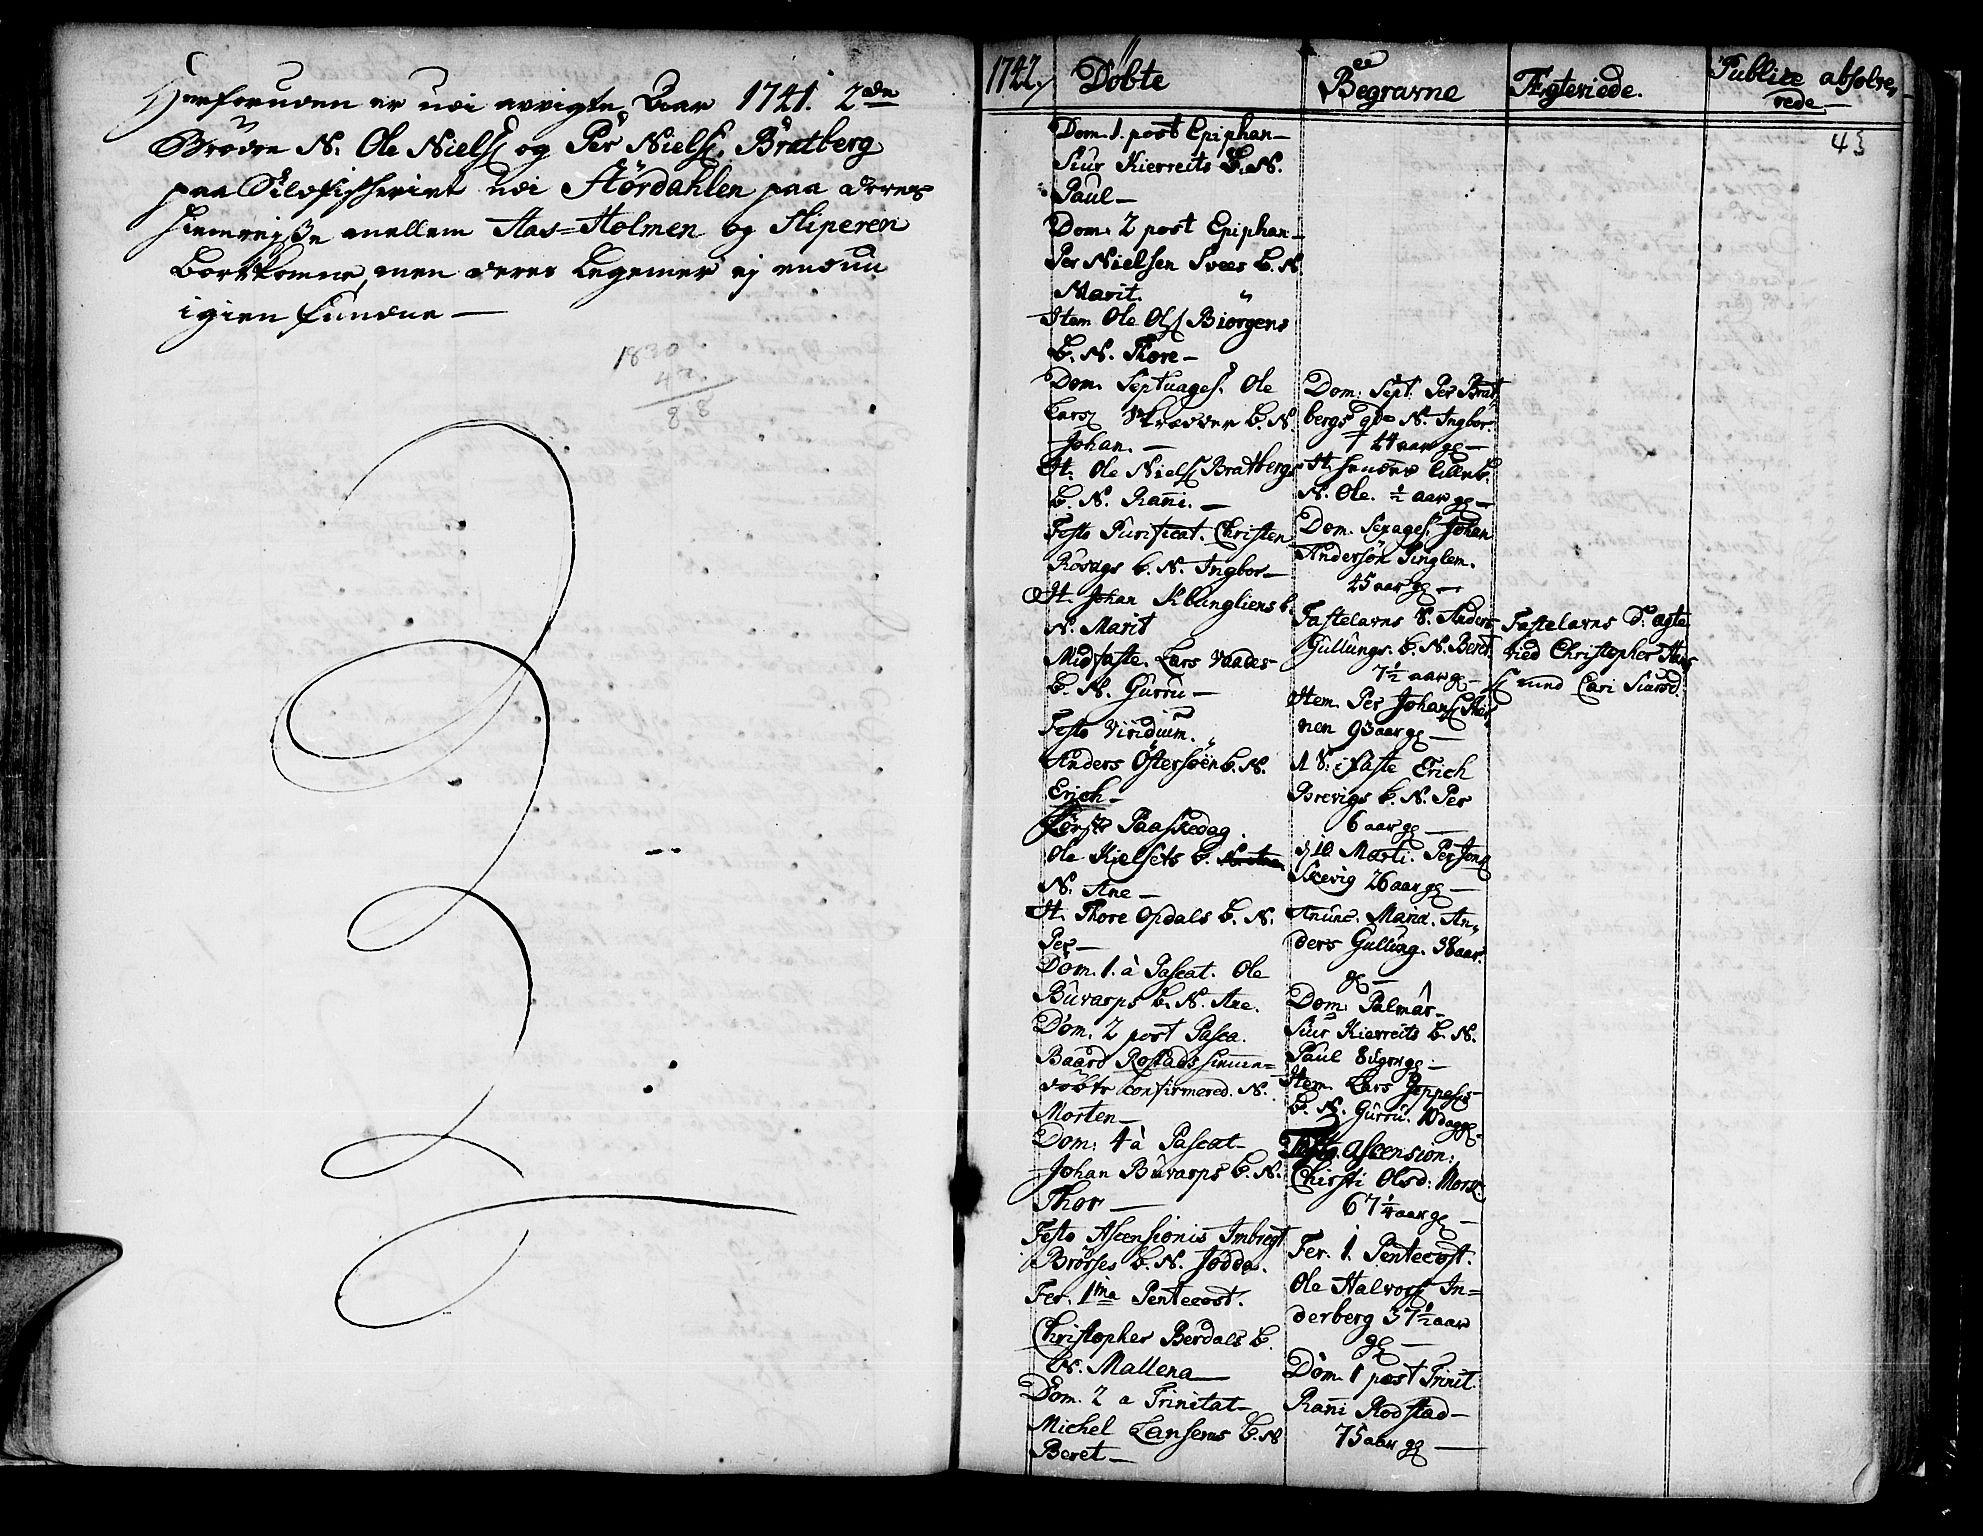 SAT, Ministerialprotokoller, klokkerbøker og fødselsregistre - Nord-Trøndelag, 741/L0385: Ministerialbok nr. 741A01, 1722-1815, s. 43